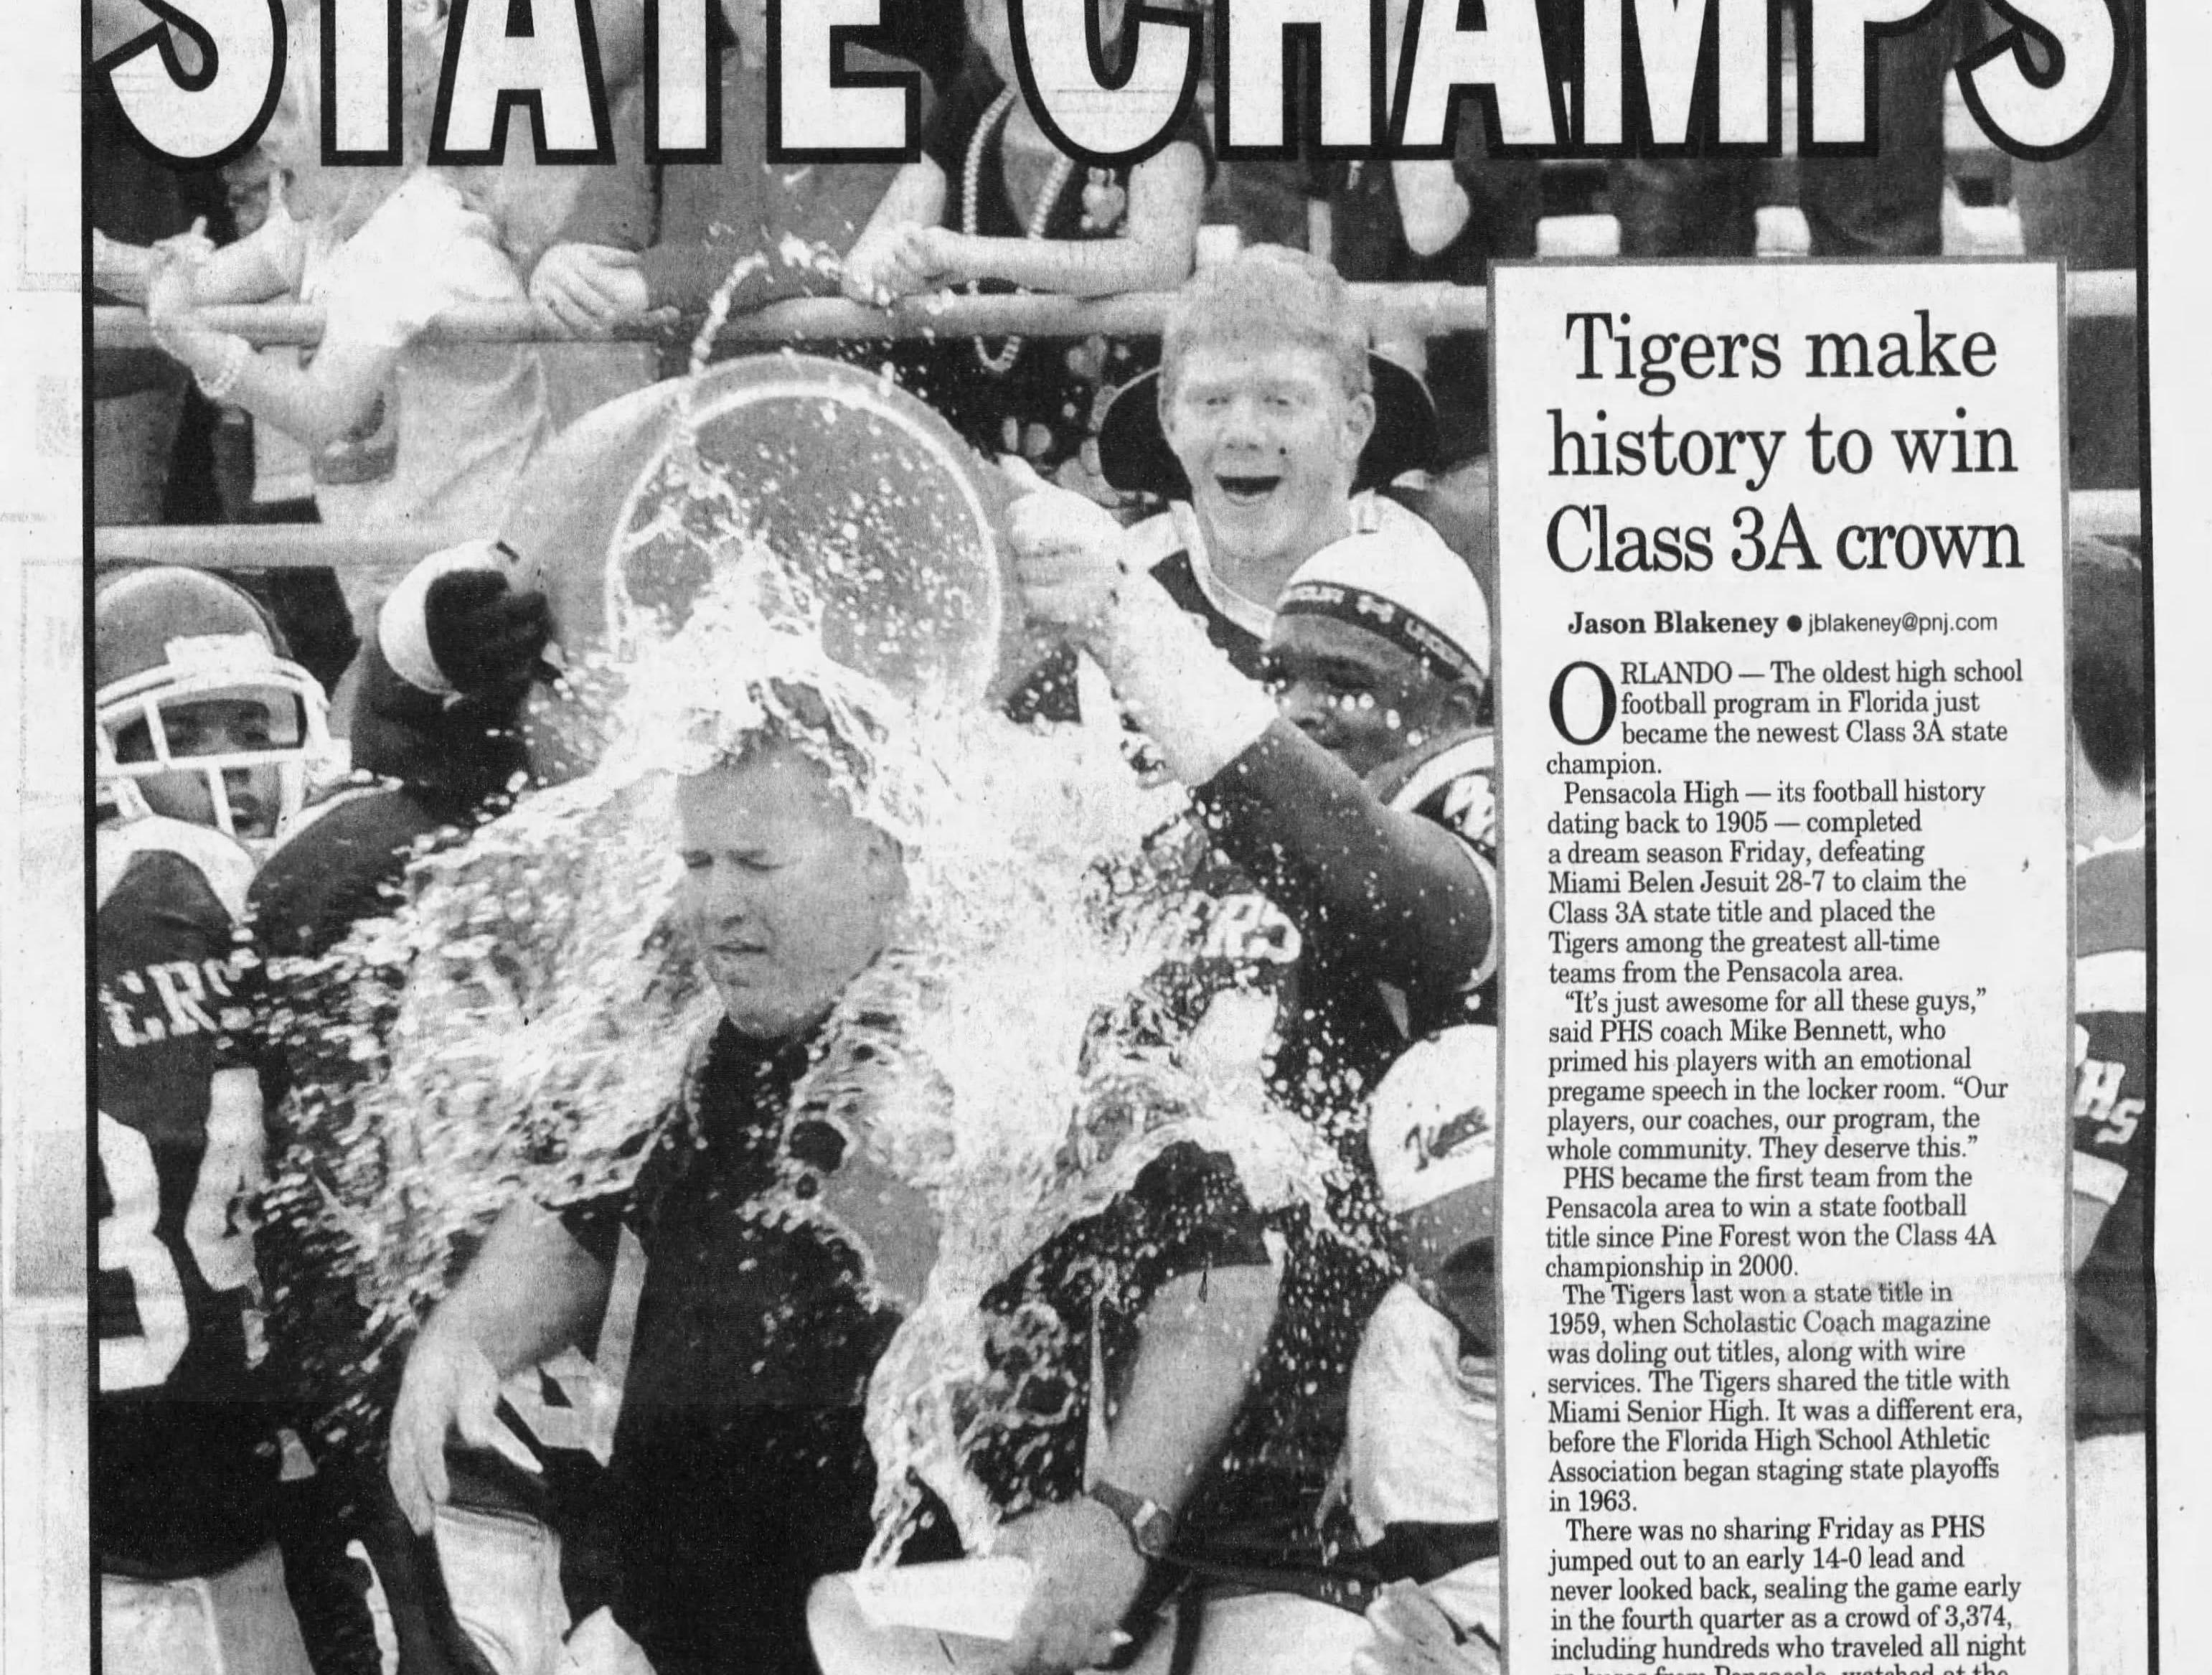 2009: Pensacola High defeats Miami Belen Jesuit, 28-7, for Class 3A title.